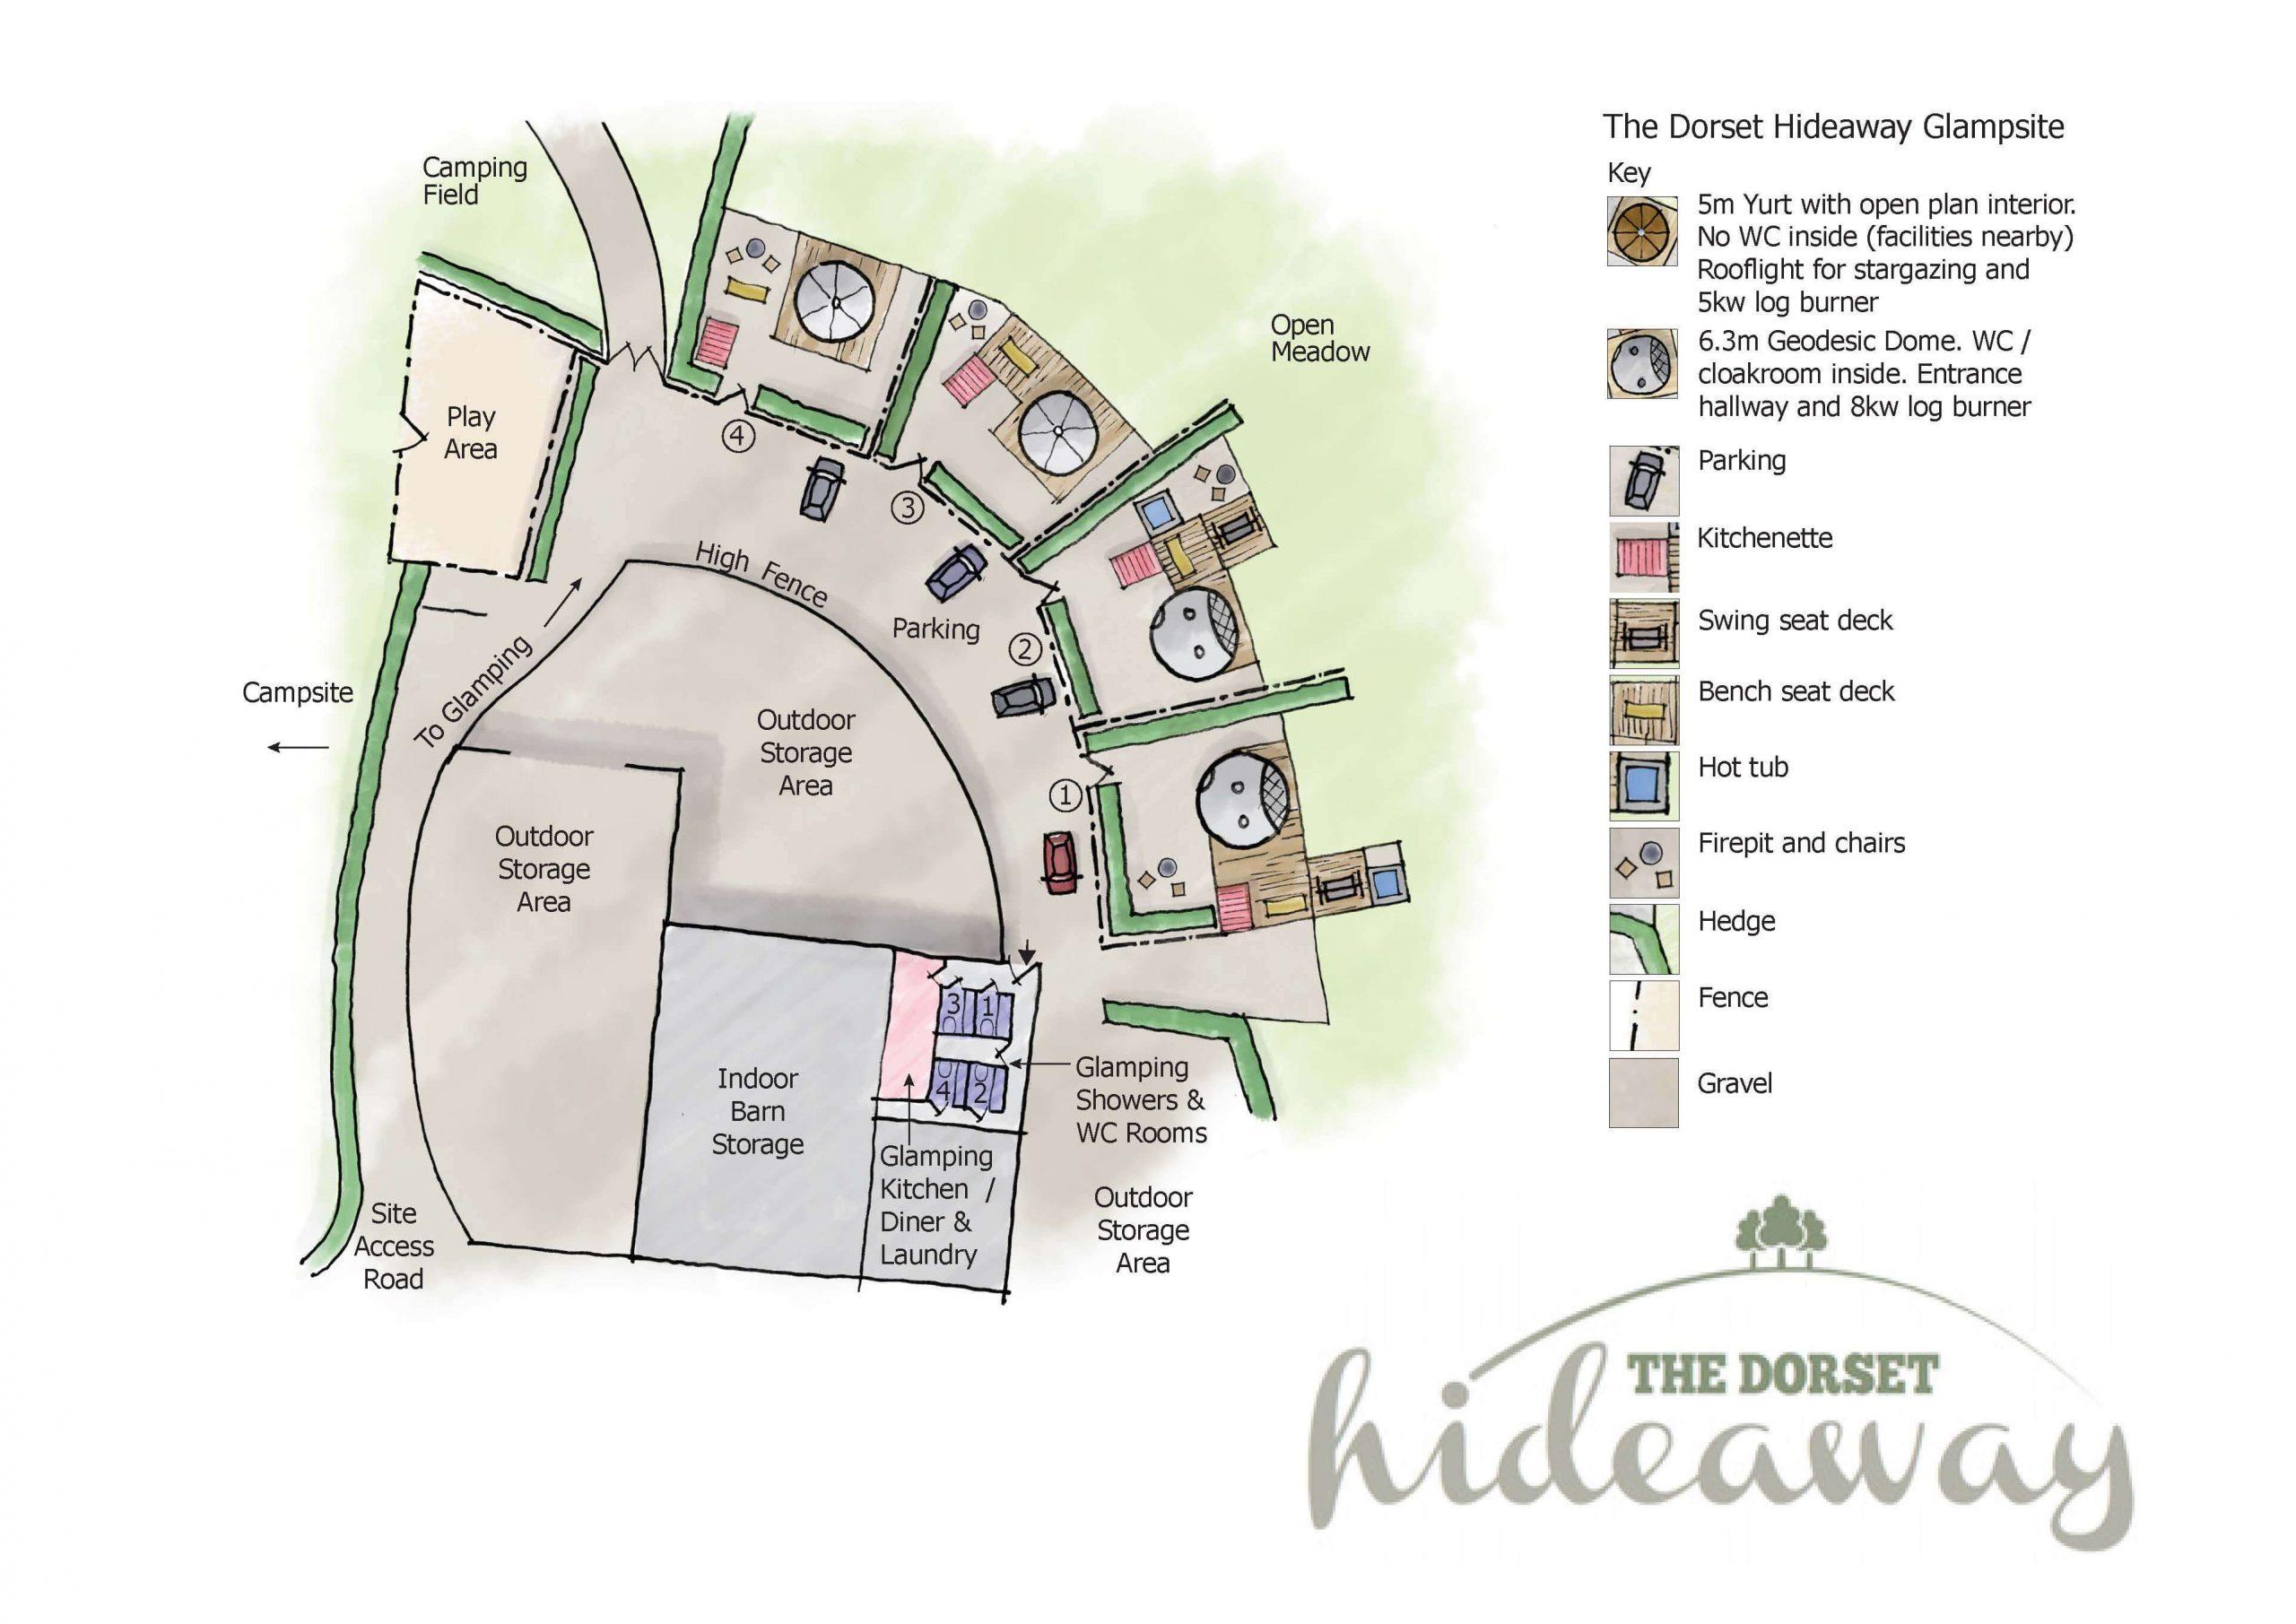 Dorset Hideaway Glamping Area Rev F June